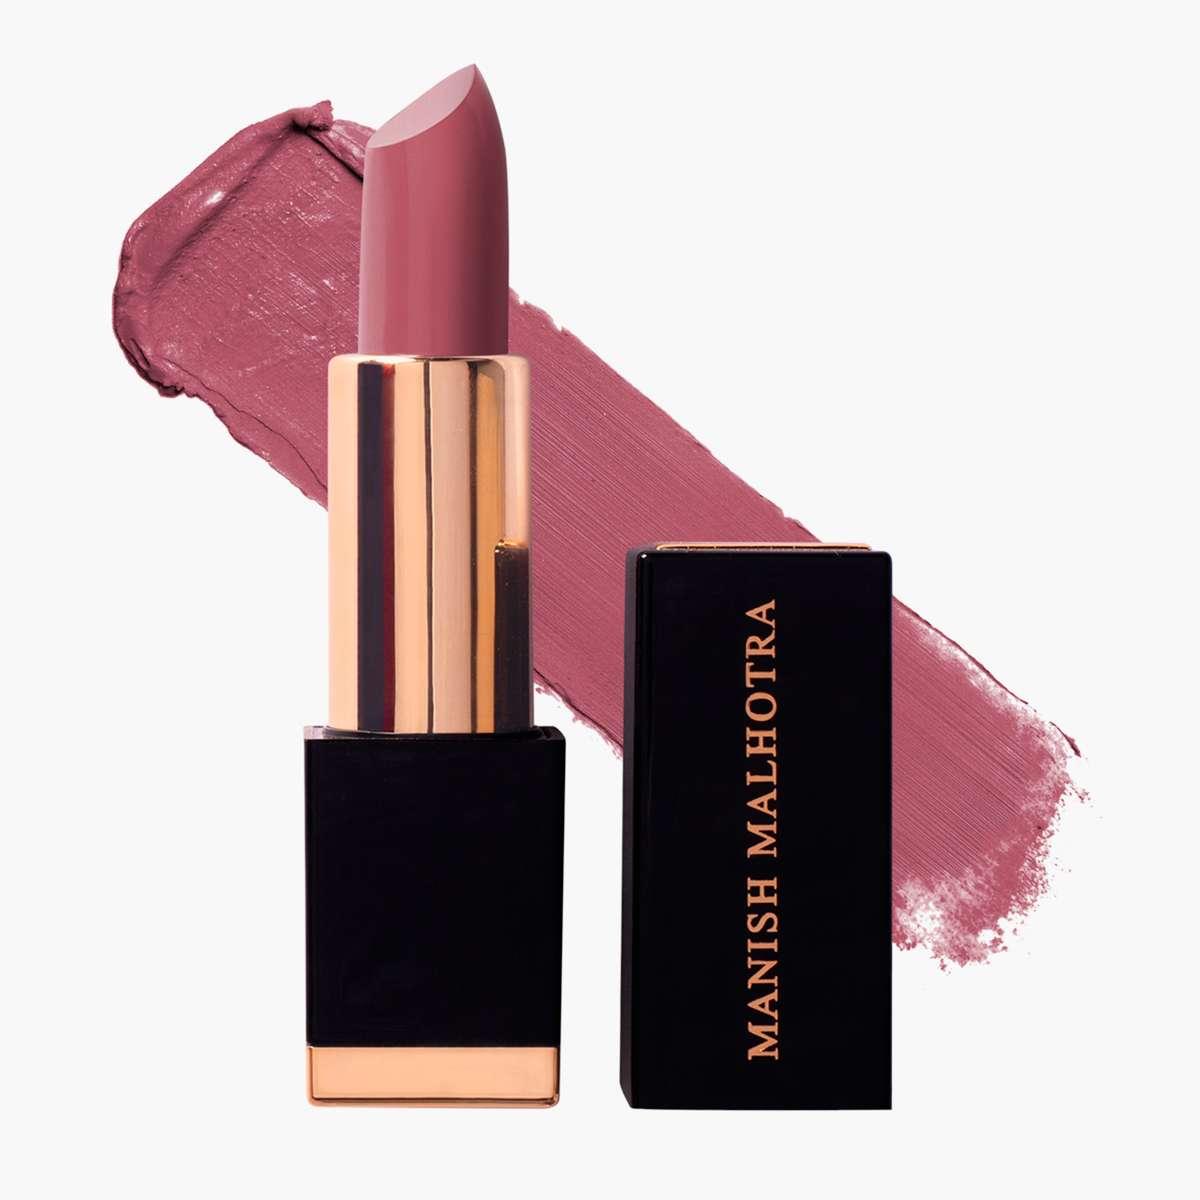 1.MYGLAMM Manish Malhotra Hi-Shine Lipstick